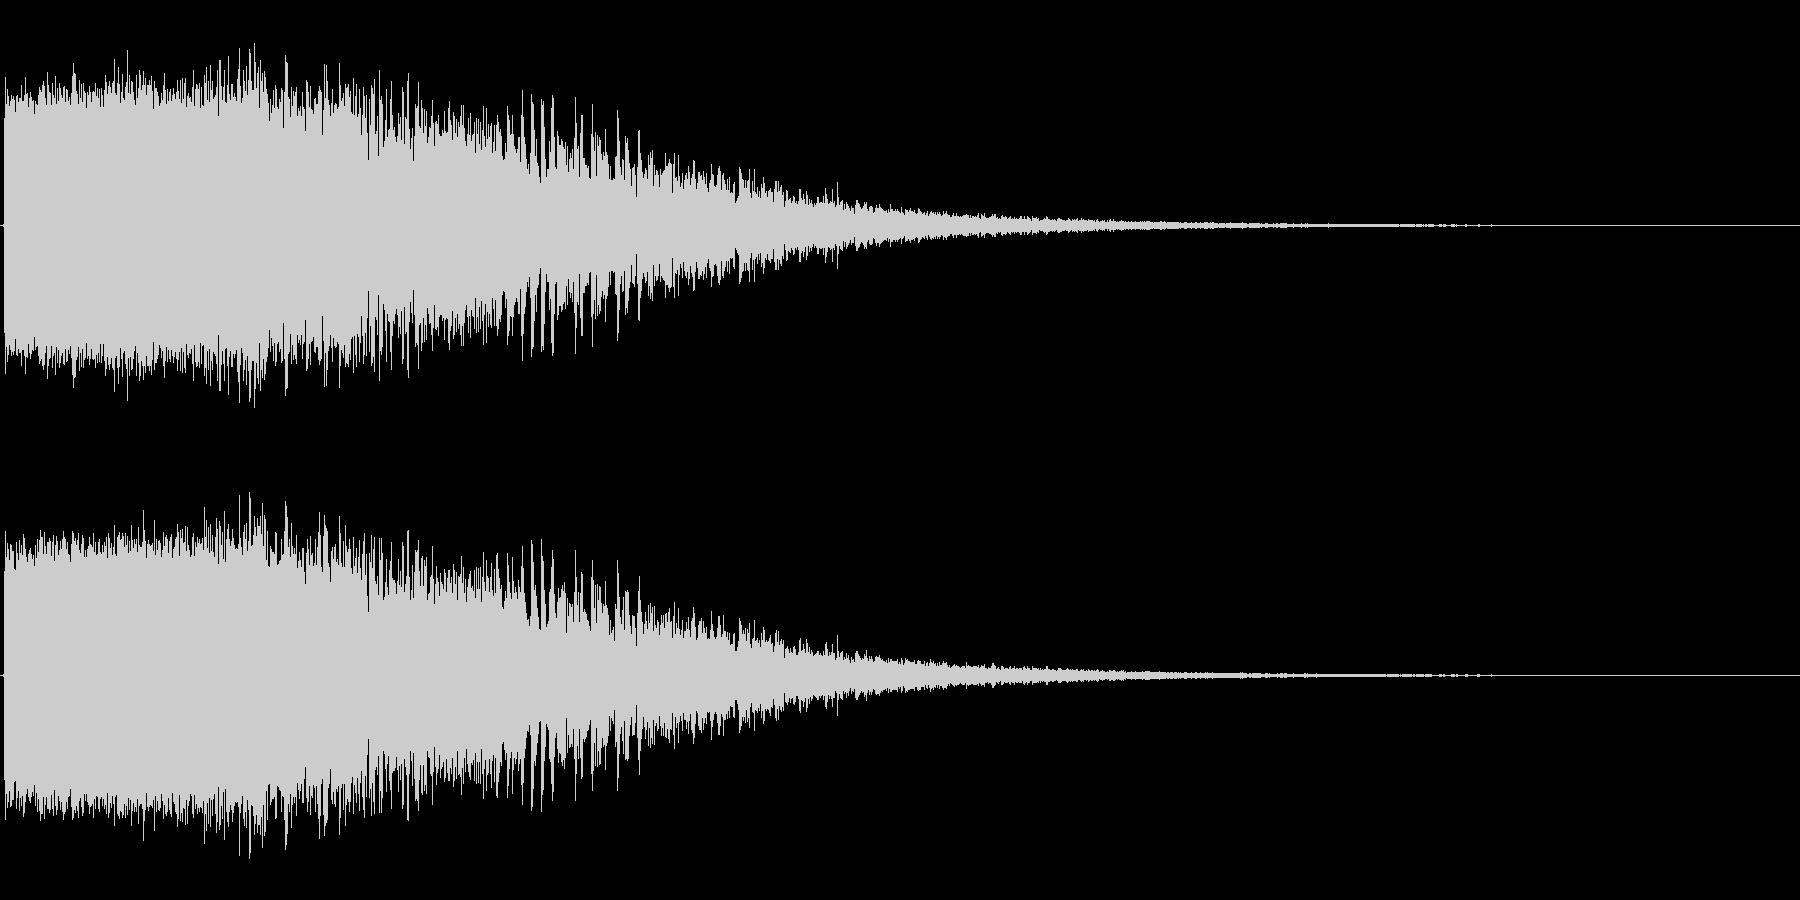 ダメージ音02(魔法・電子系)の未再生の波形